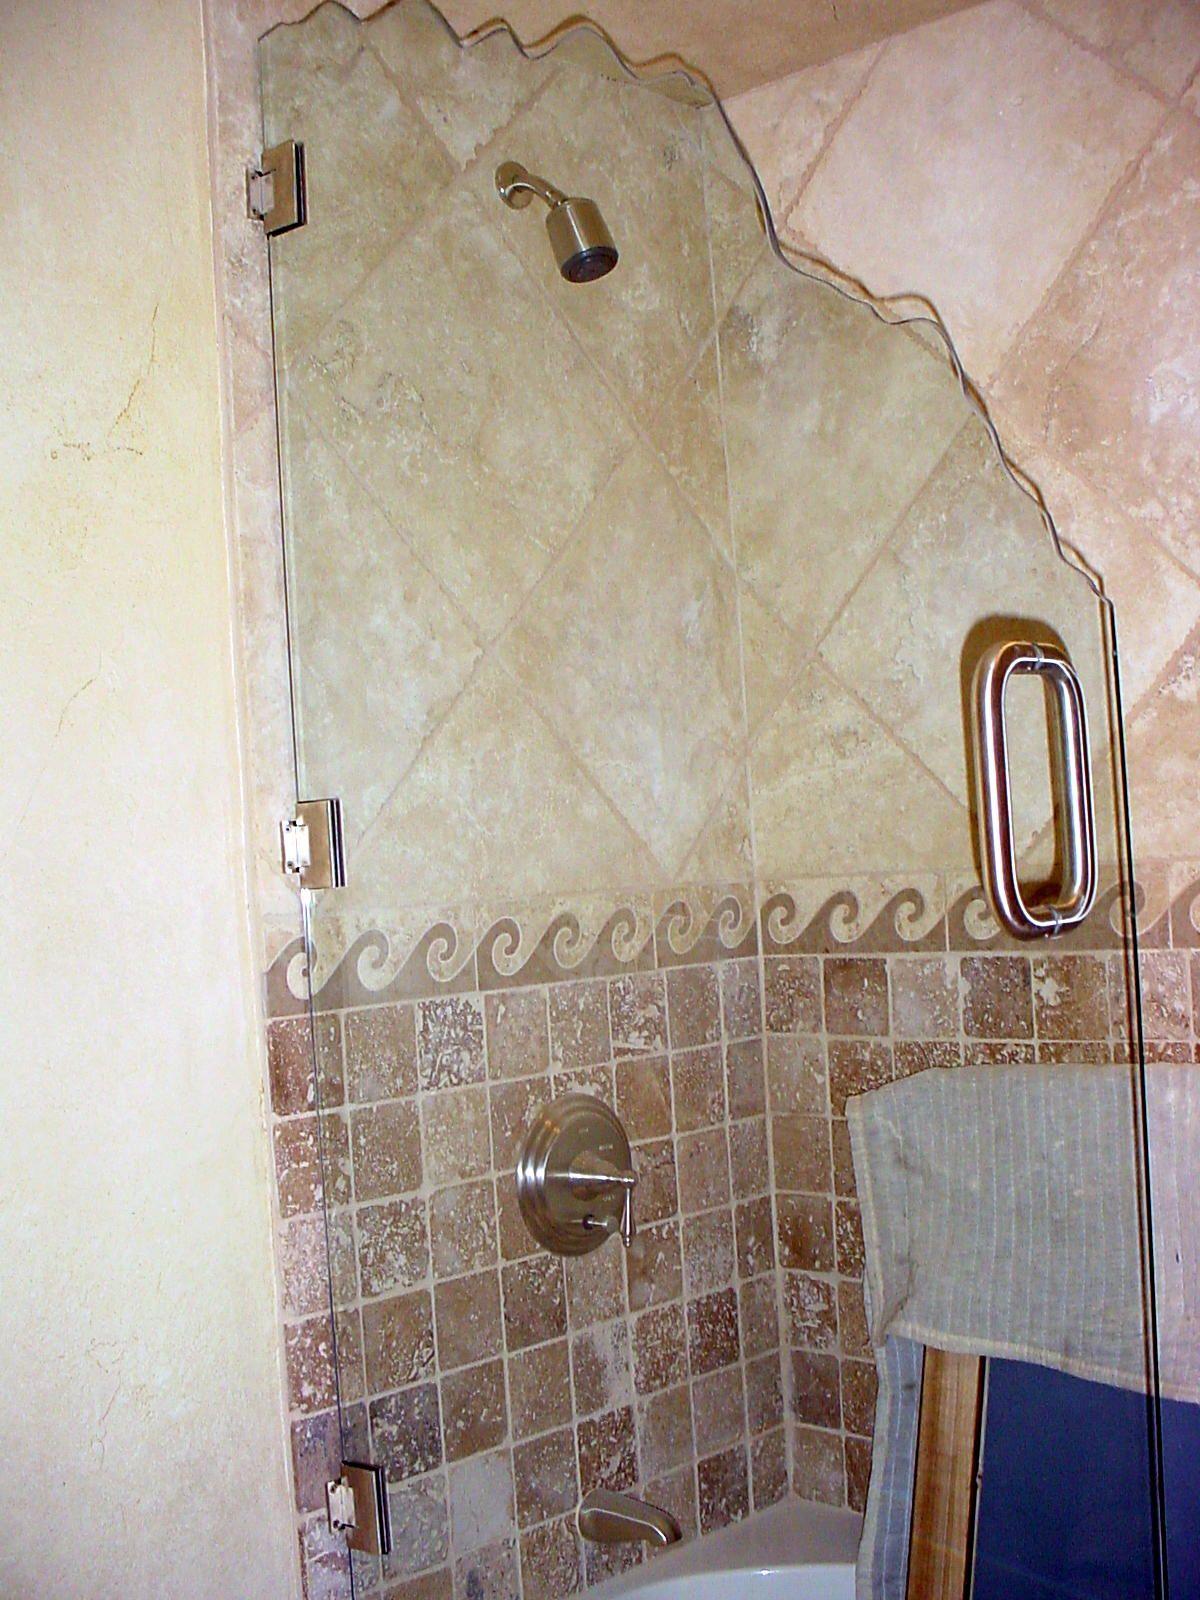 How To Fix A Broken Shower Door